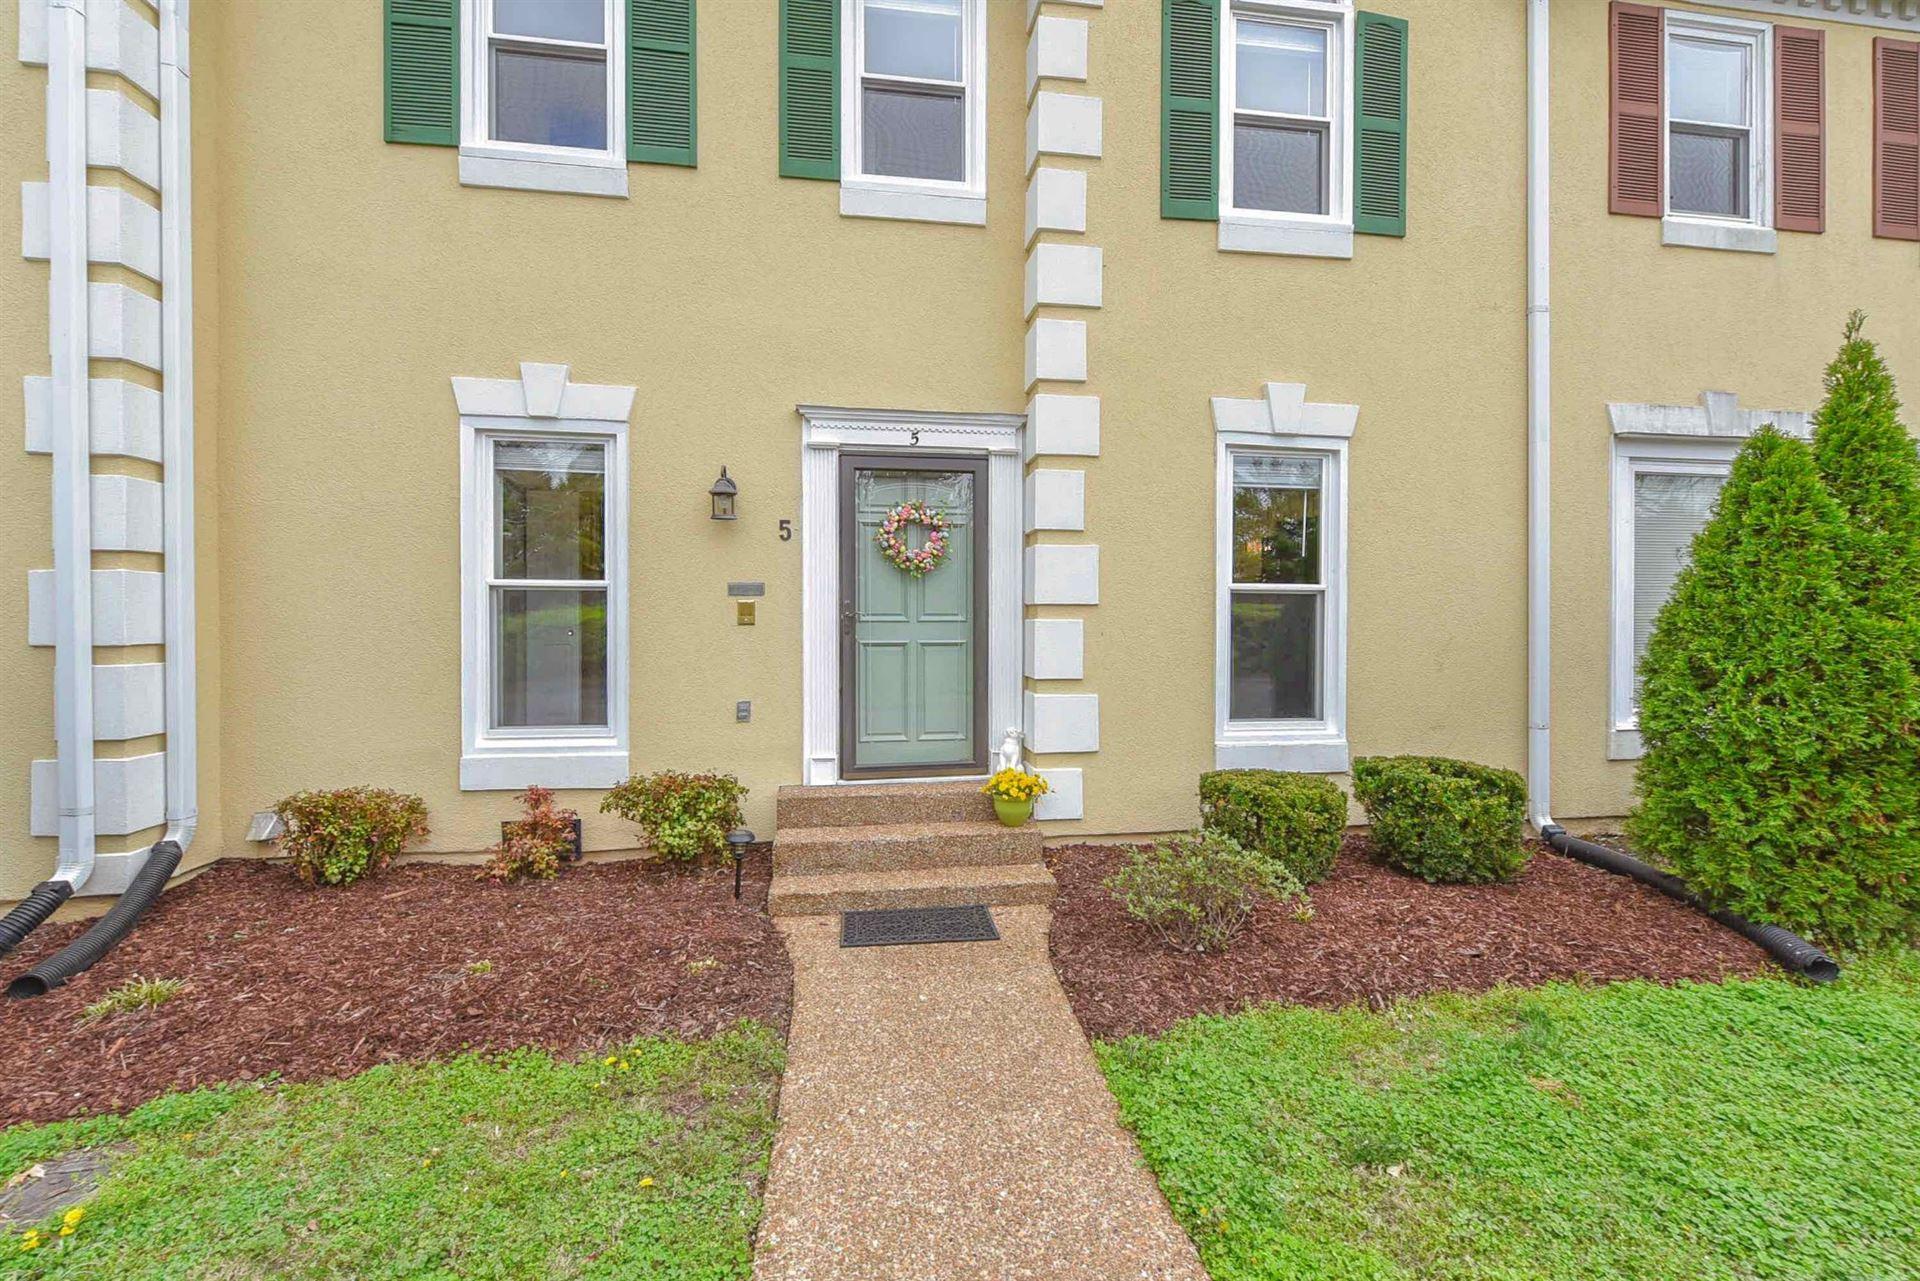 609 Boyd Mill Ave #5, Franklin, TN 37064 - MLS#: 2237980